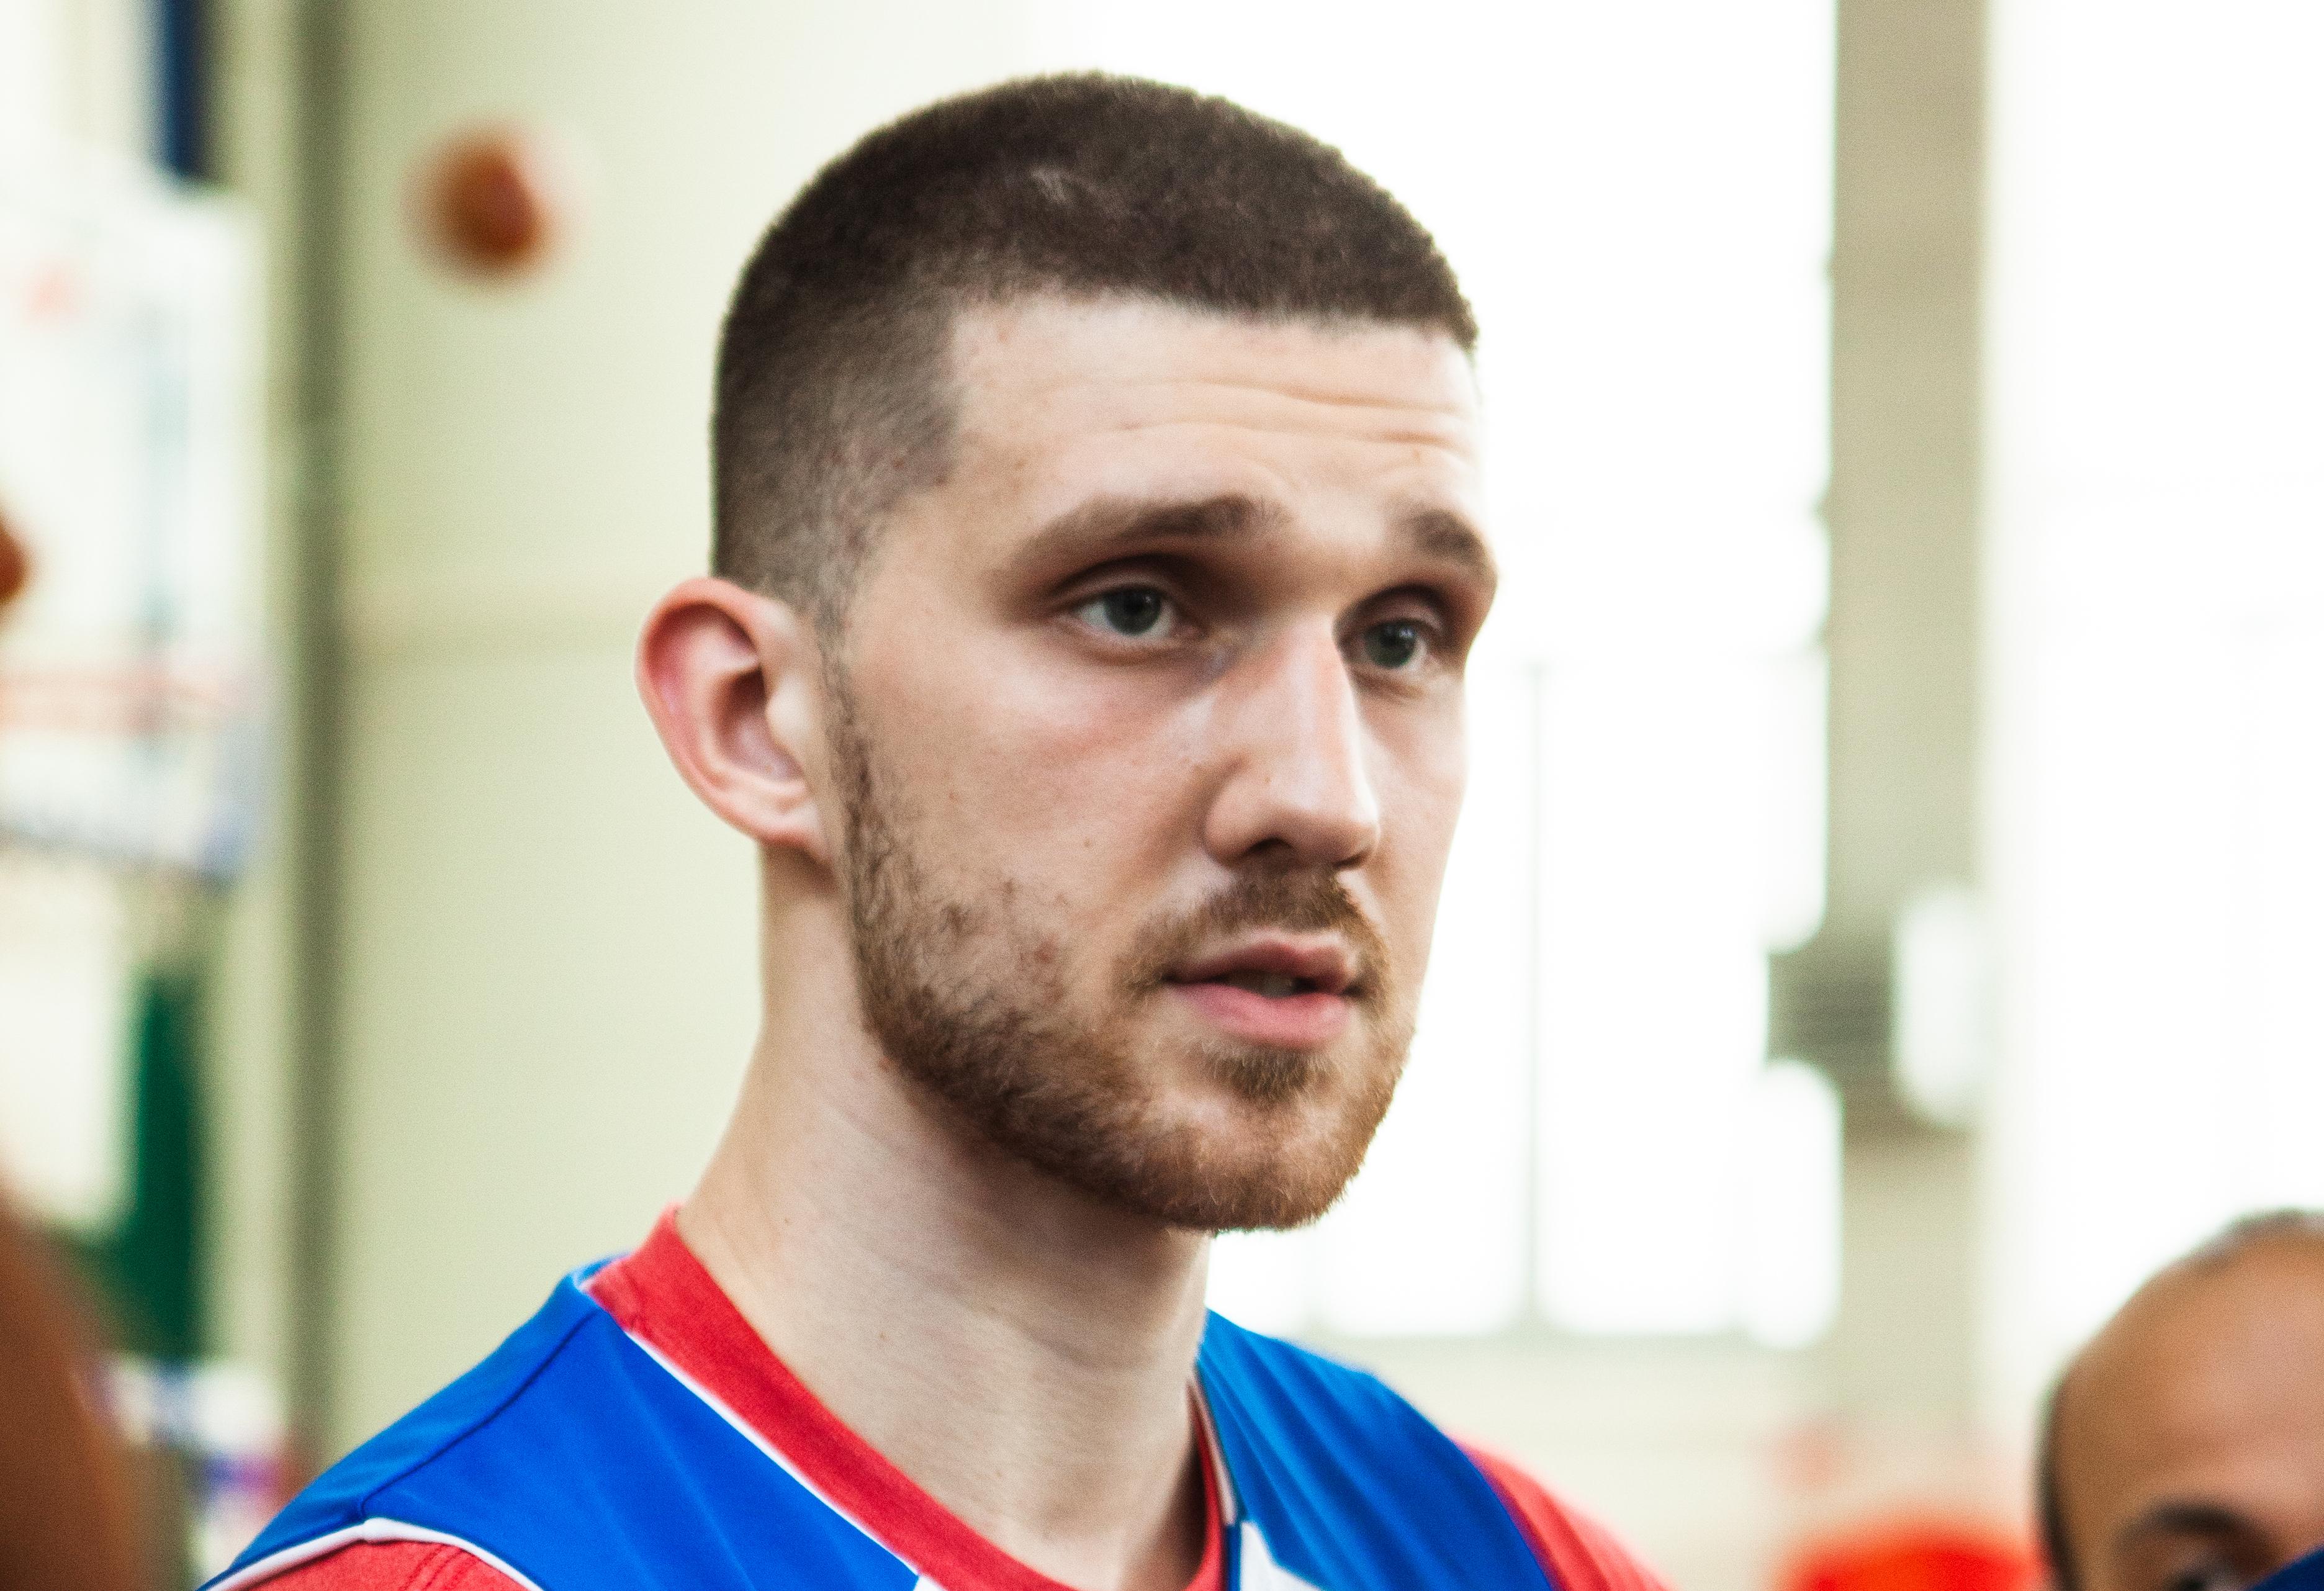 Святослав Михайлюк: приїхав, щоб познайомитись із тренером і краще підготуватись до сезону